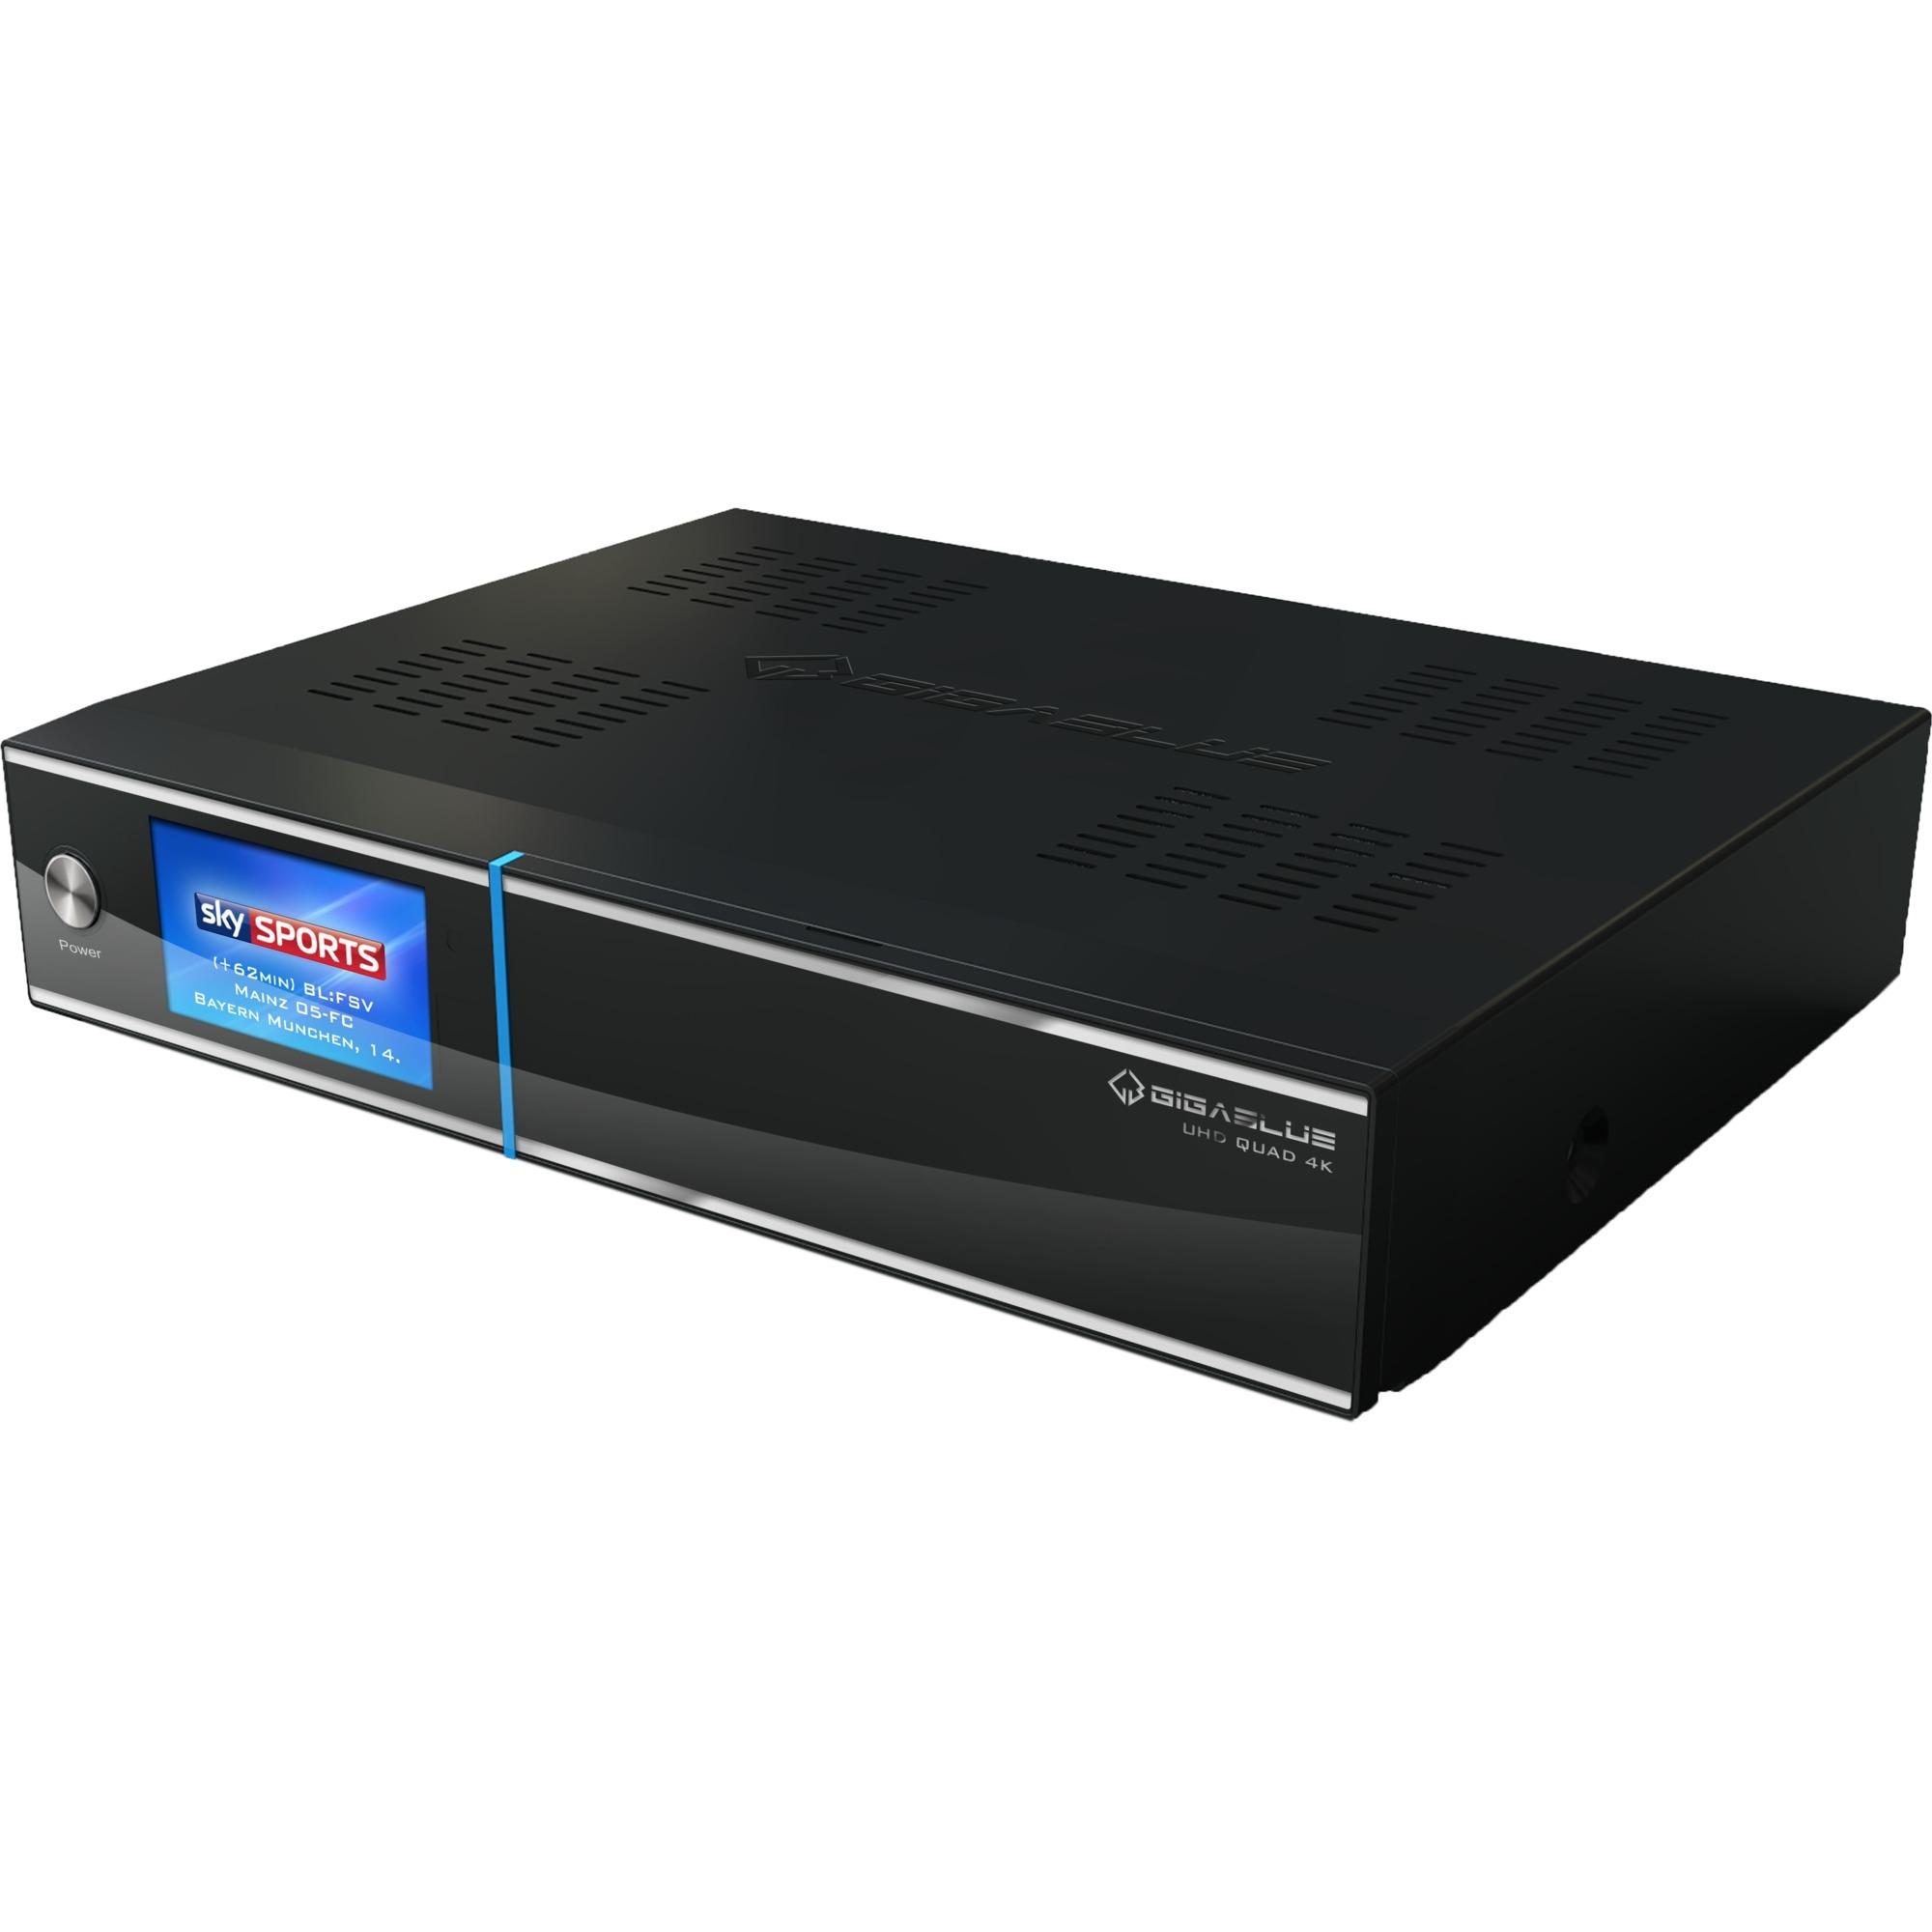 UHD Quad 4K receptor AV, Receptor terrestre/ vía cable/satélite